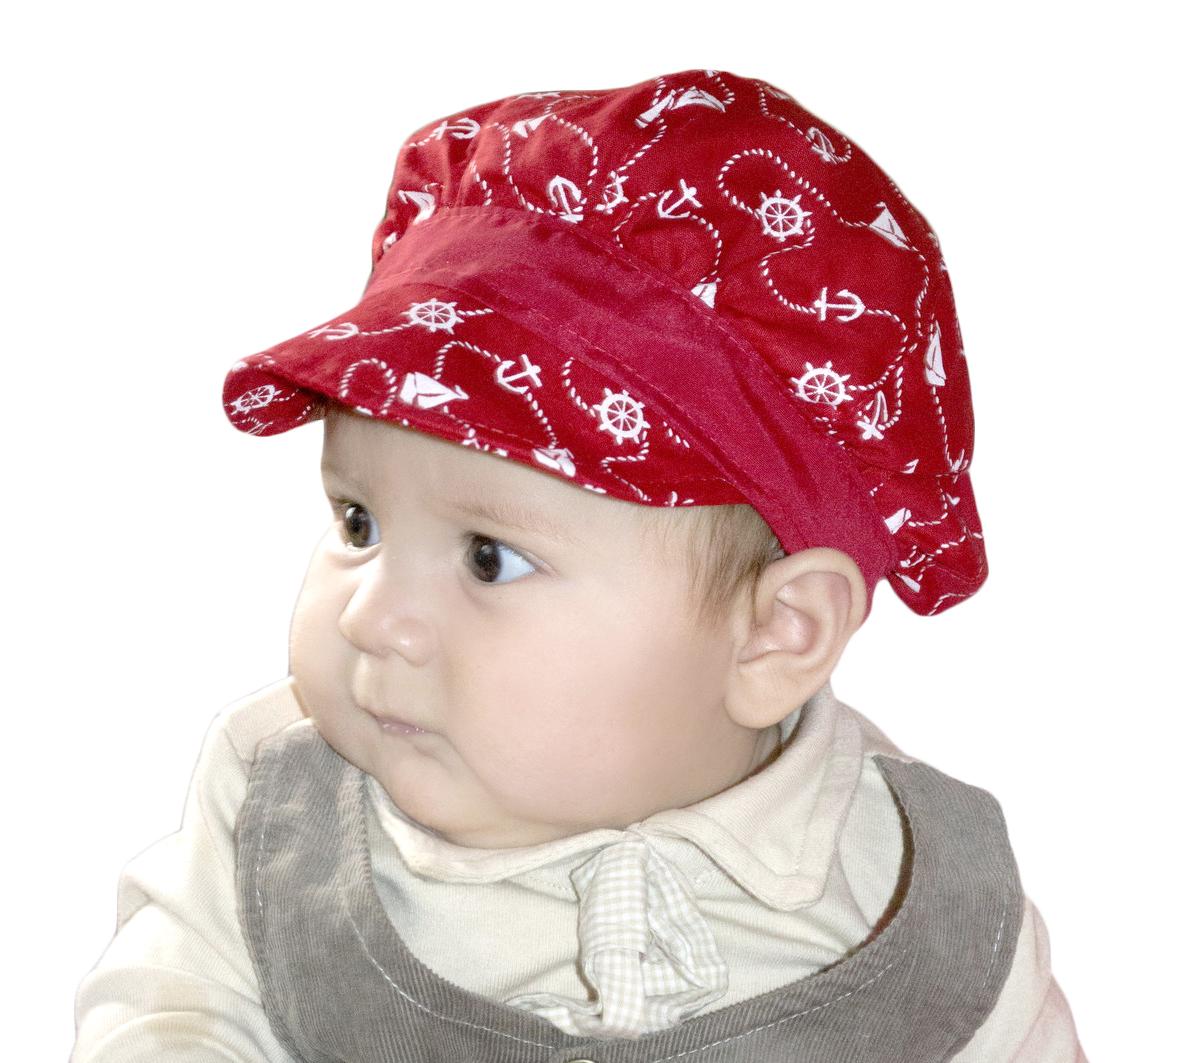 Boina Feminina Vermelha  64f6fc49a59